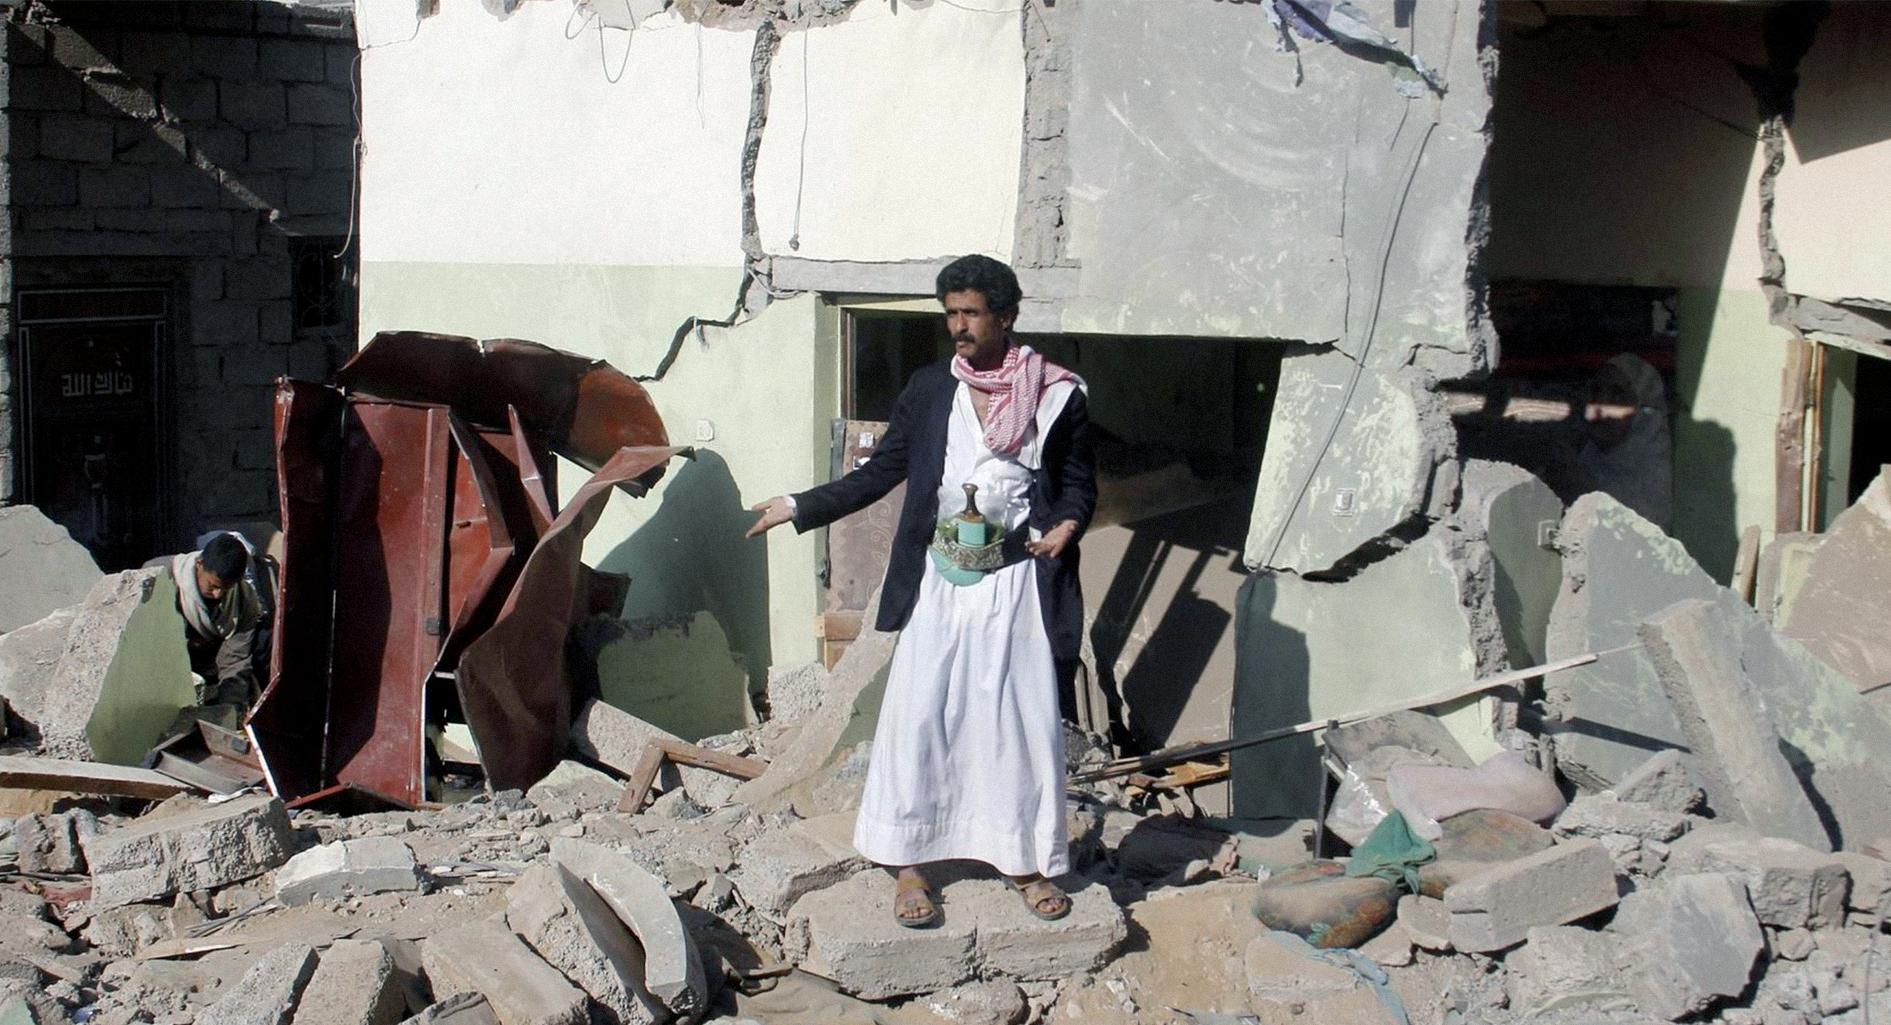 صورة يمني يعرف بوجود هدنة في بلاده بعد أخبار عن انهيارها